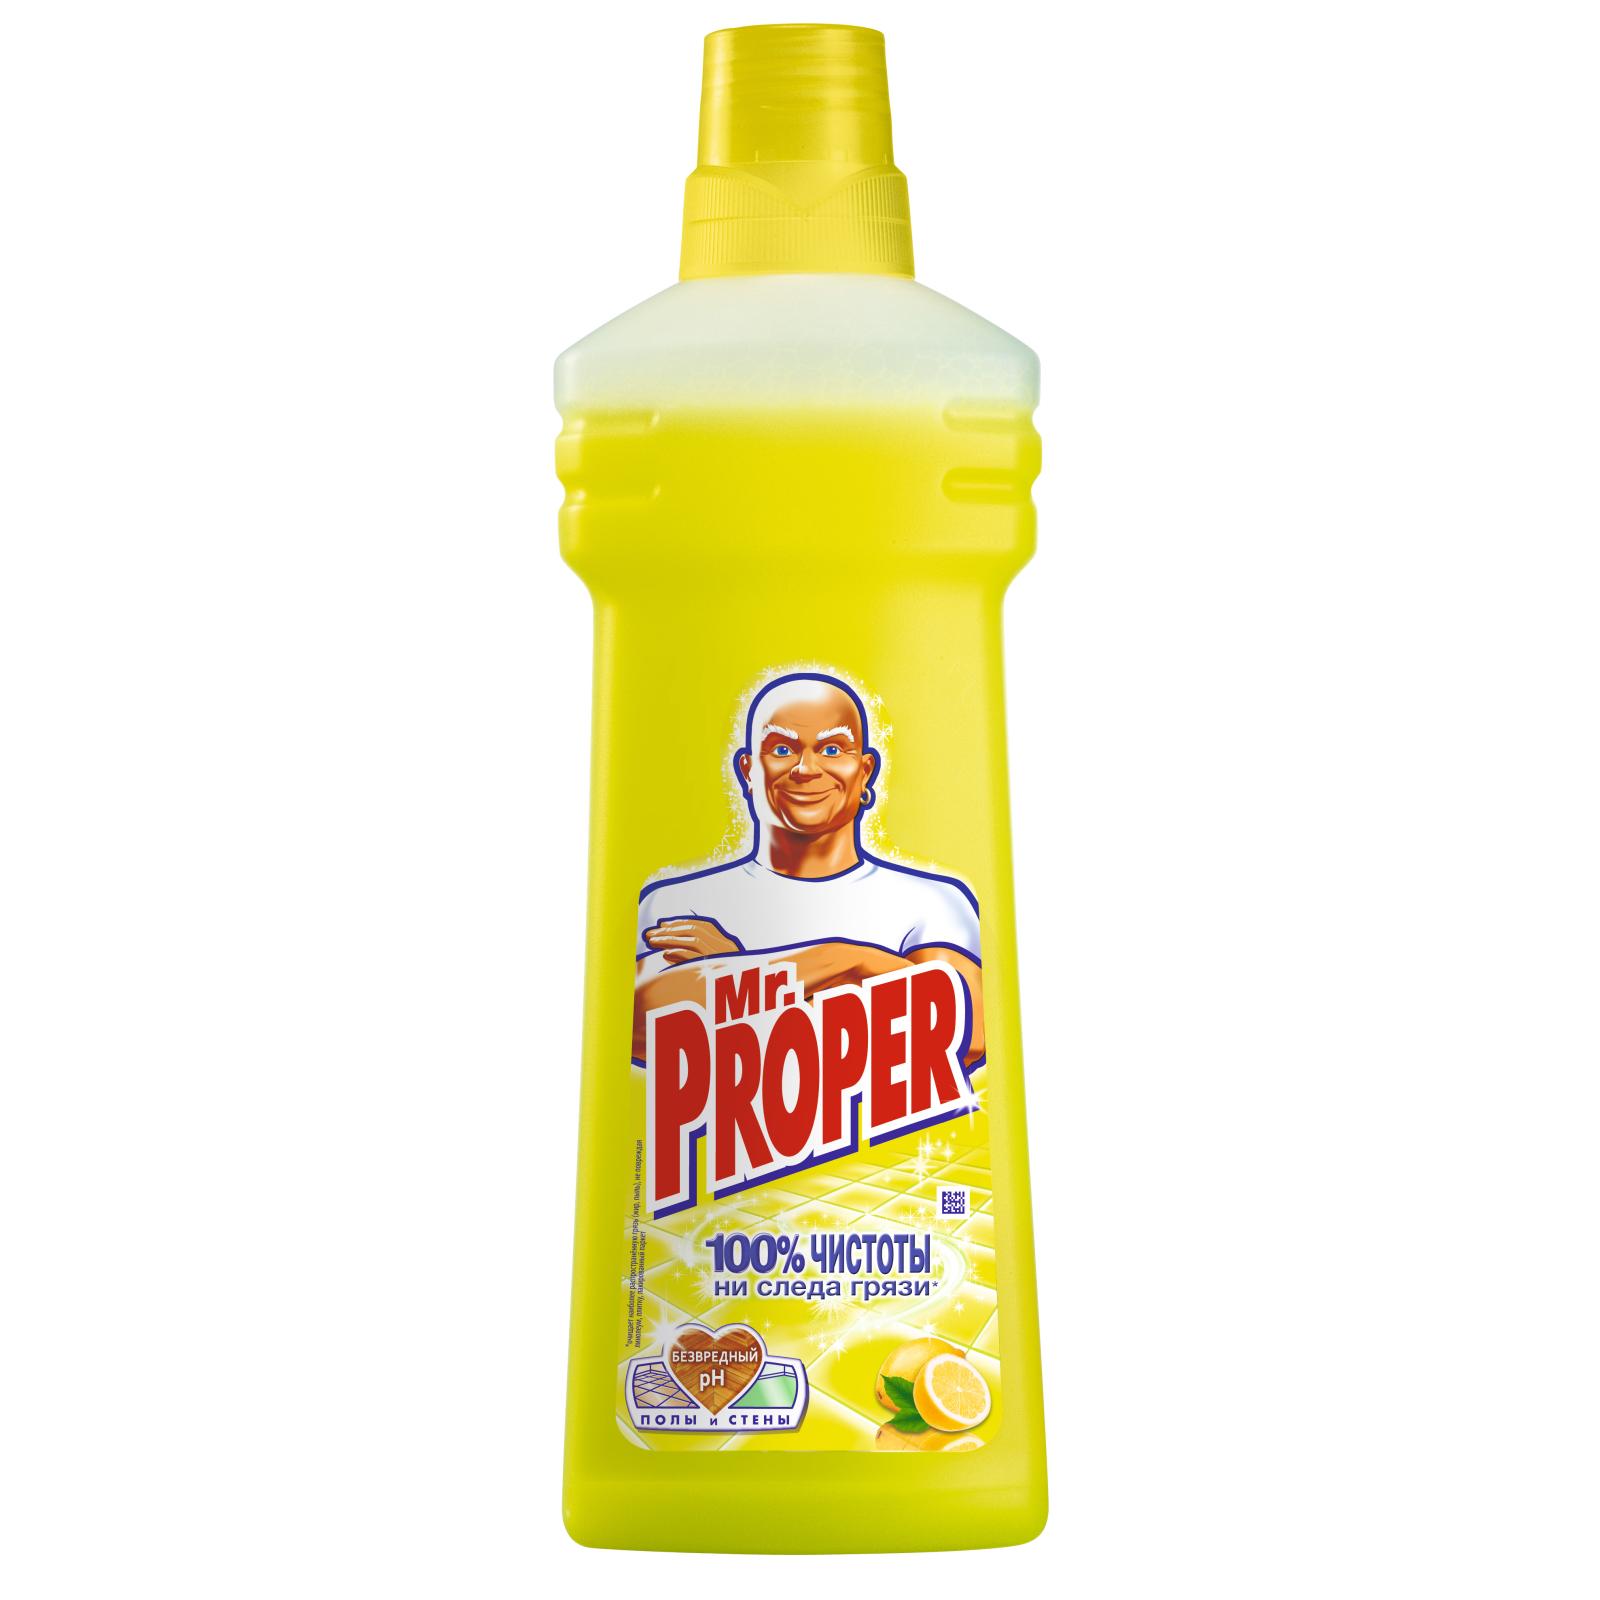 Моющая жидкость для уборки Mr. Proper Универсал Лимон 750 мл (5413149157378)